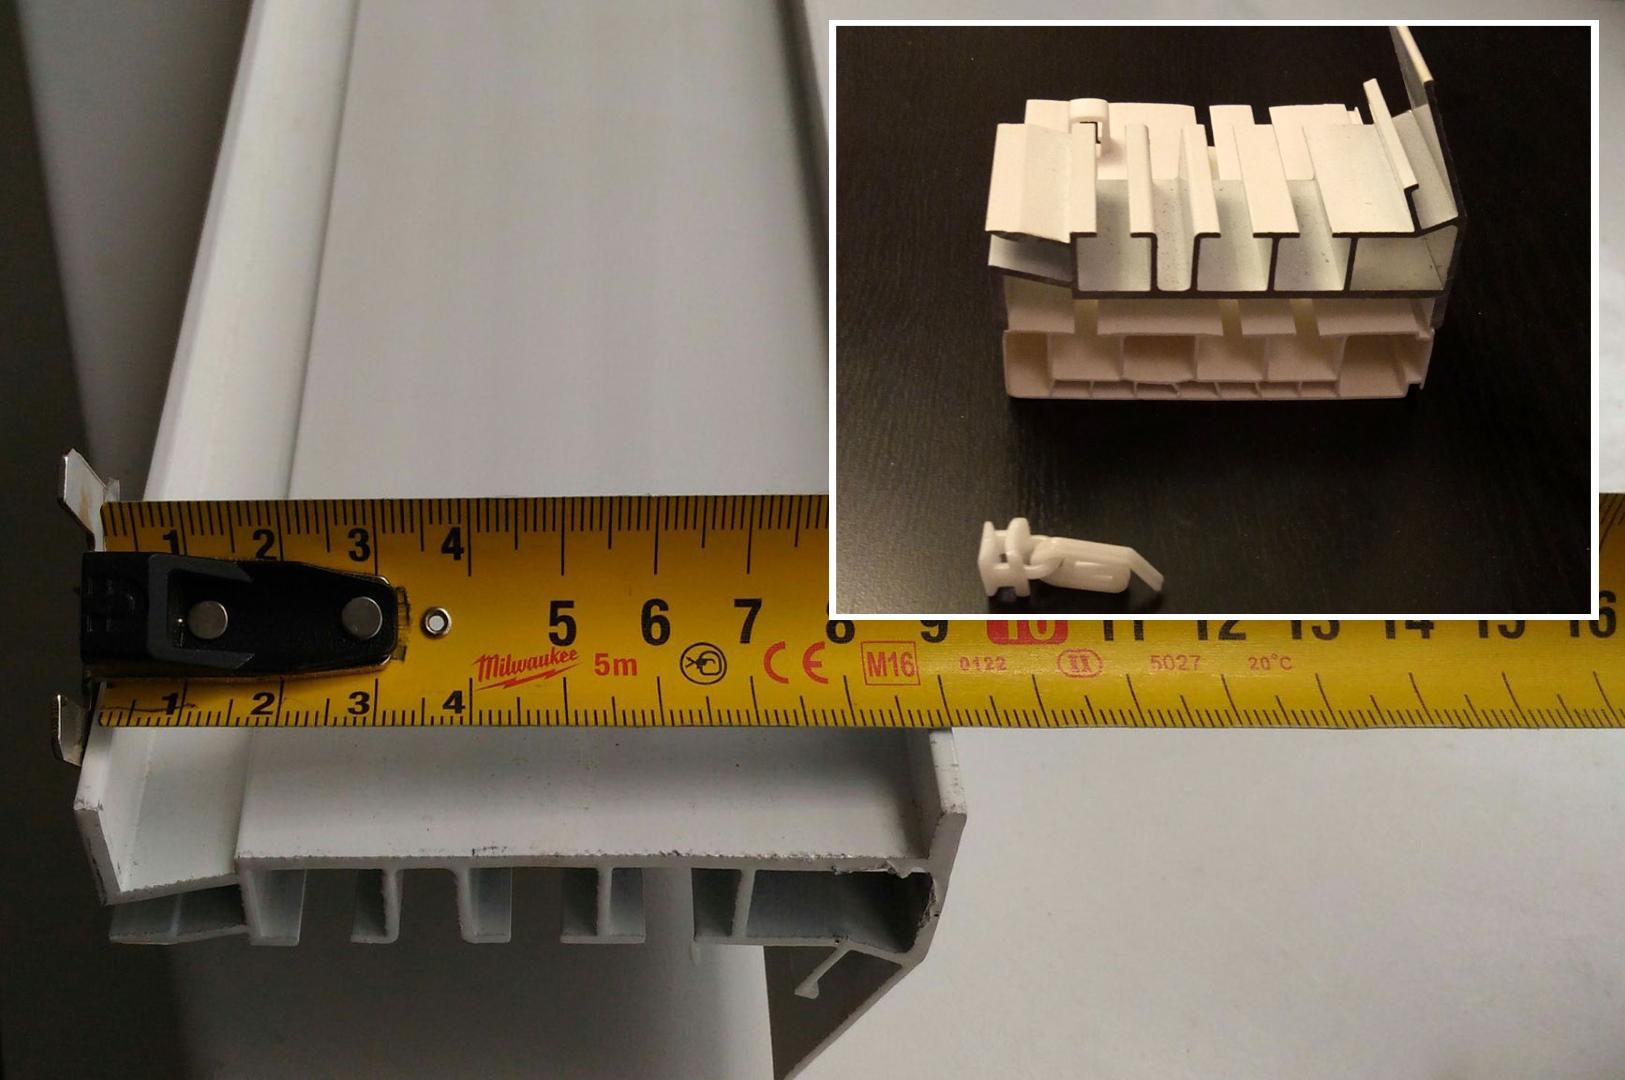 сравнение пластикового потолочного и алюминиевого профильного карниза